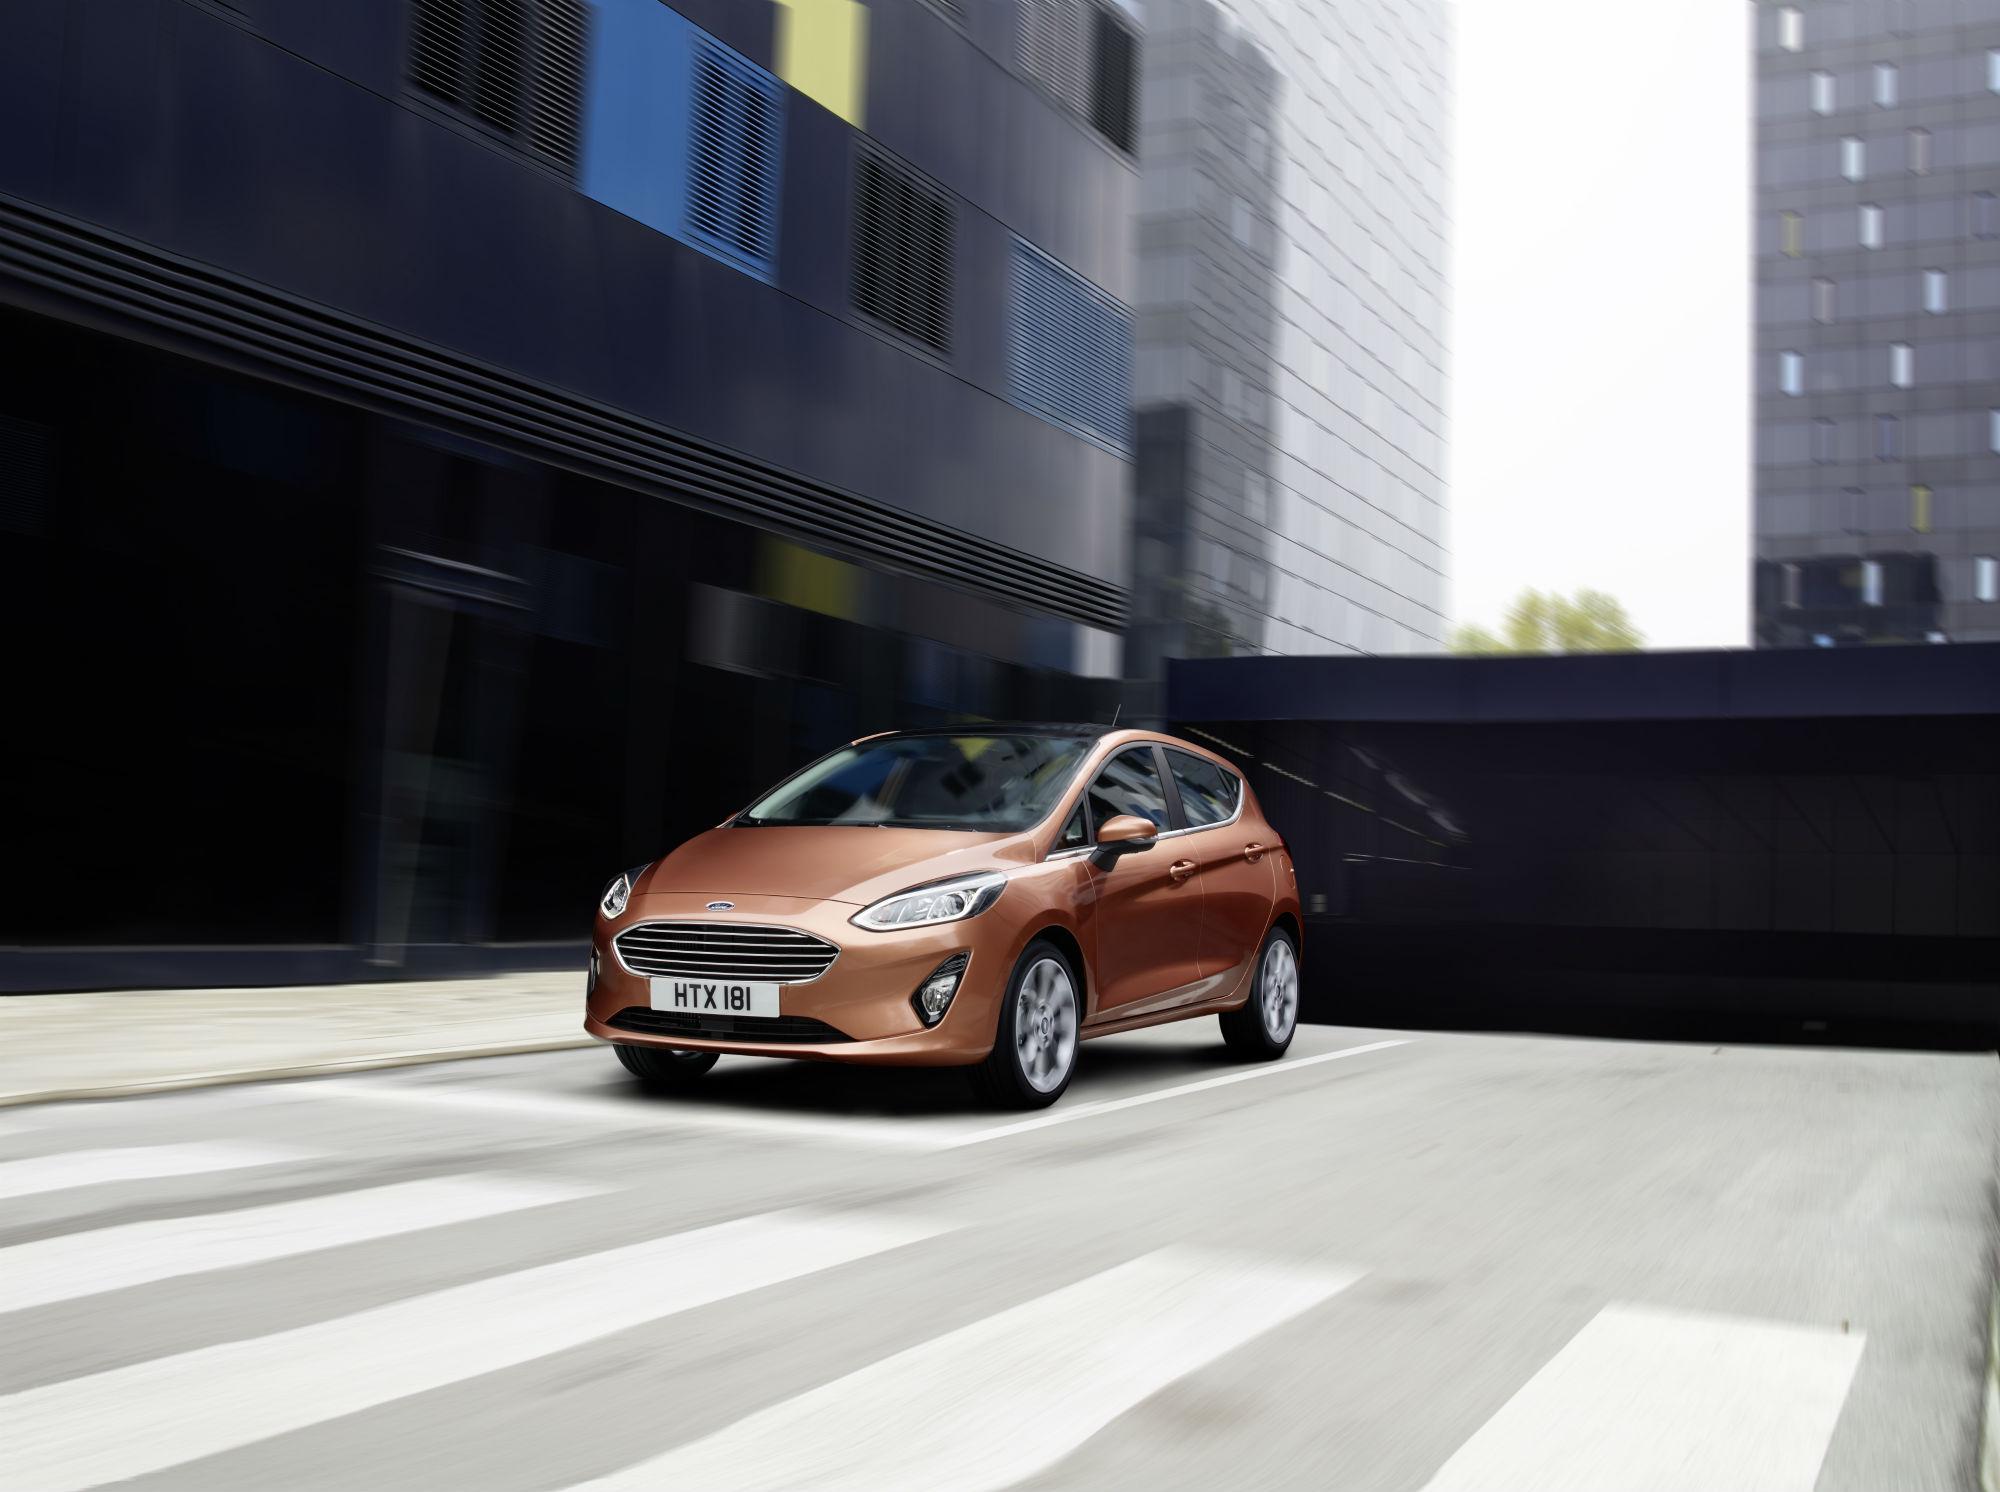 Ford Fiesta Zetec   Door Hatchback  Review